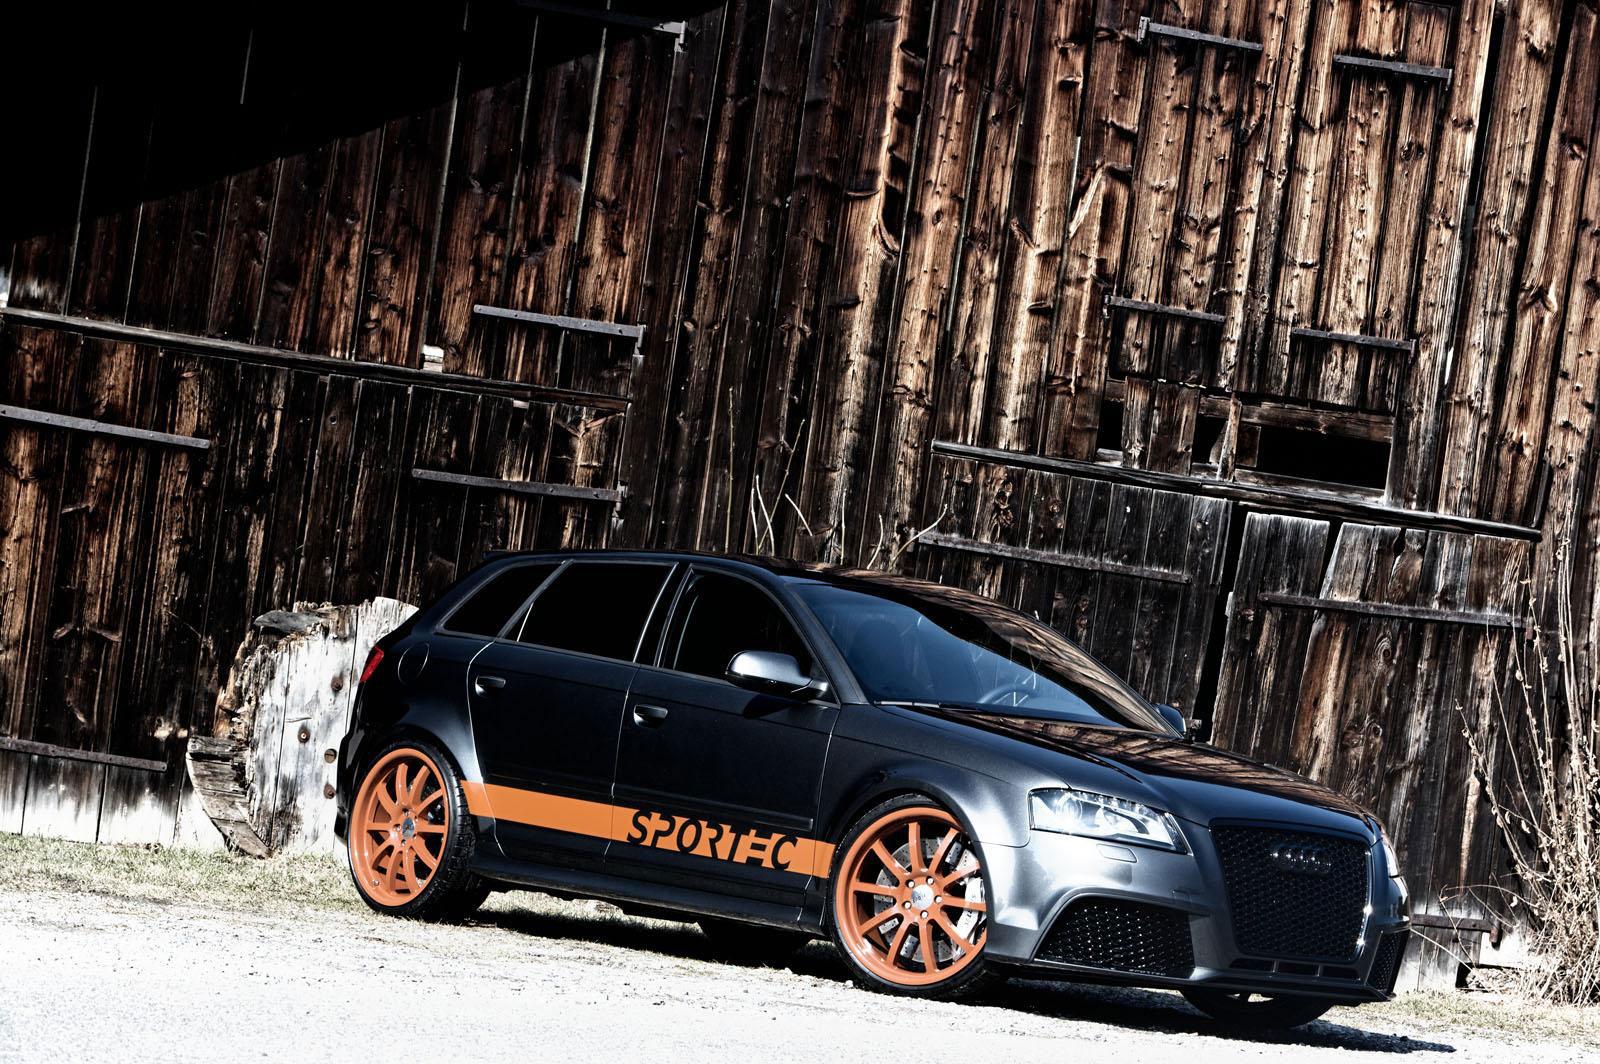 Sportec dostal z Audi RS3 Sportback výkon 500 koní 2